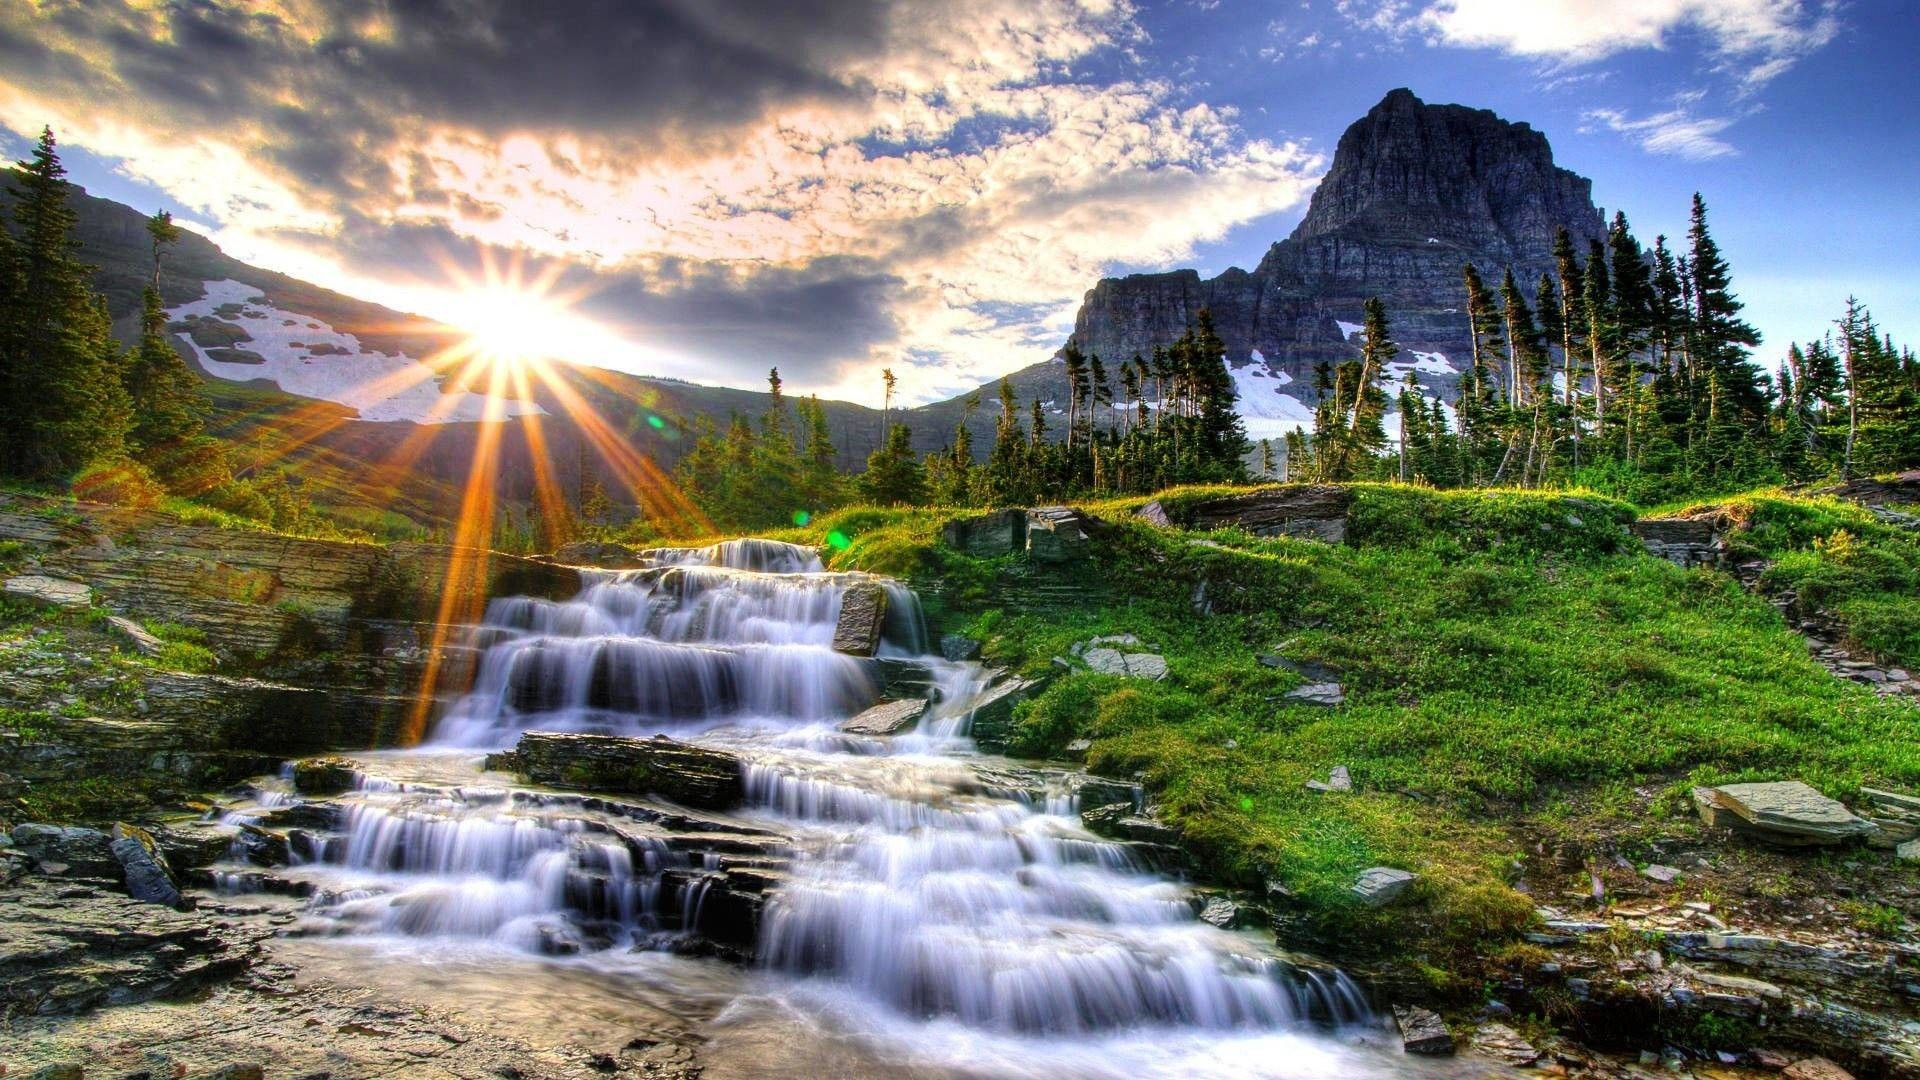 Beautiful Nature Wallpaper Background Free